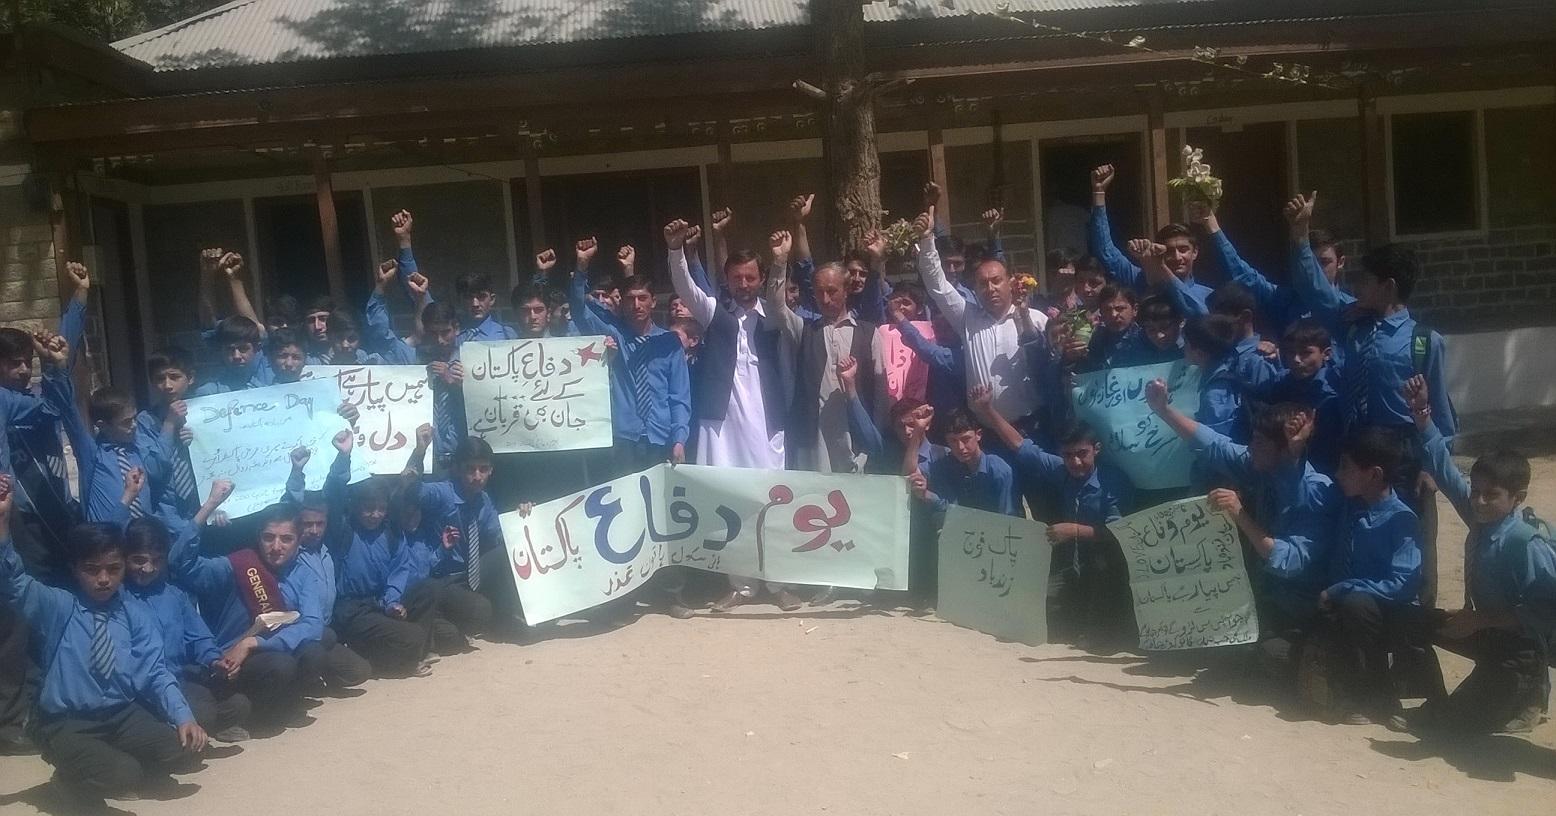 ہائی سکول ہاتون غذر میں یوم دفاعِ پاکستان